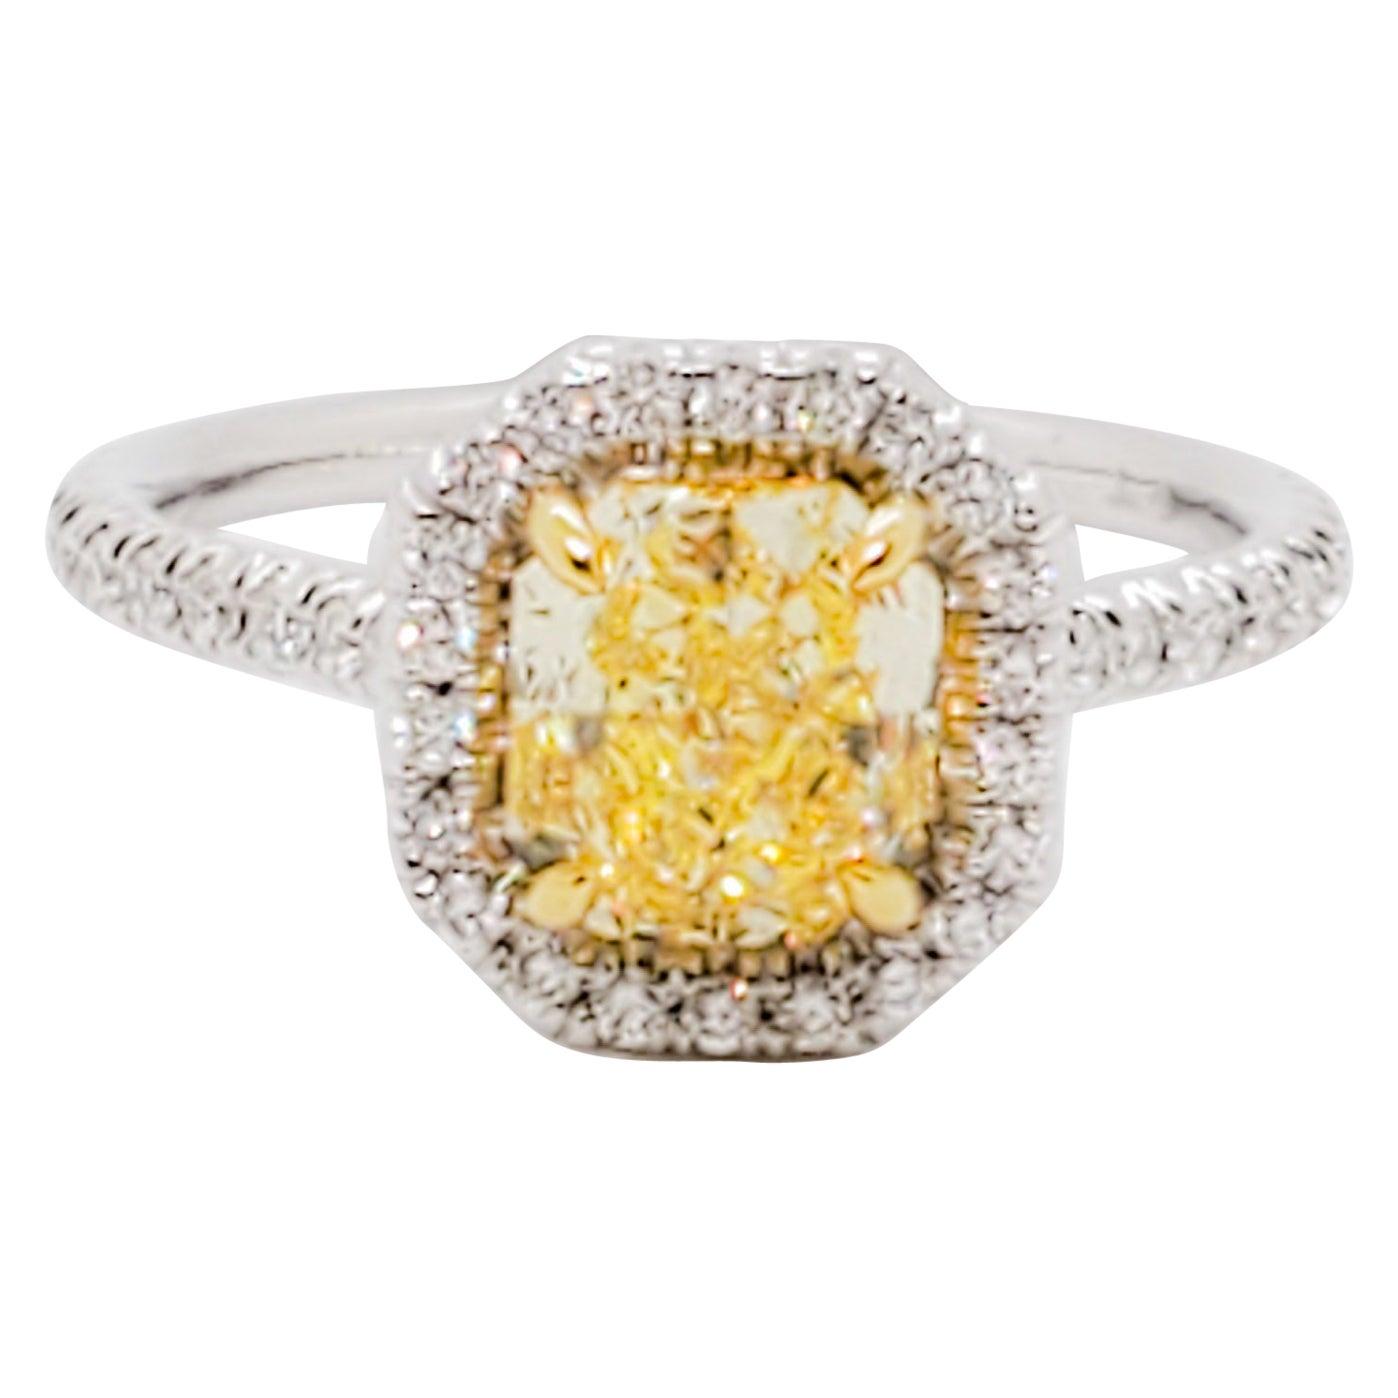 GIA Estate Fancy Intense Yellow Radiant Diamond and White Diamond Ring